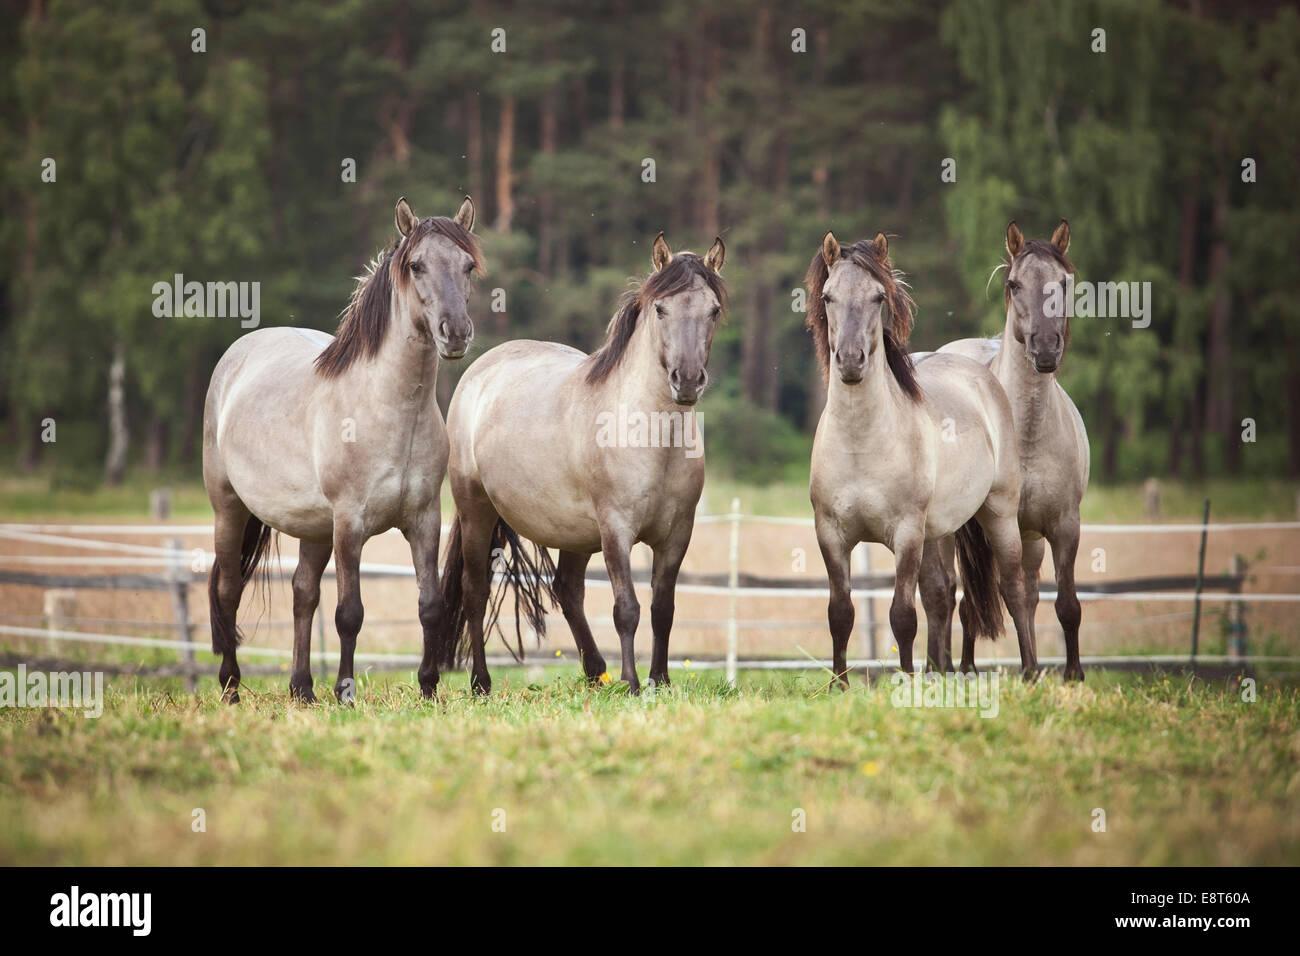 Troupeau de juments, Konik Polonais ou les chevaux sauvages Banque D'Images